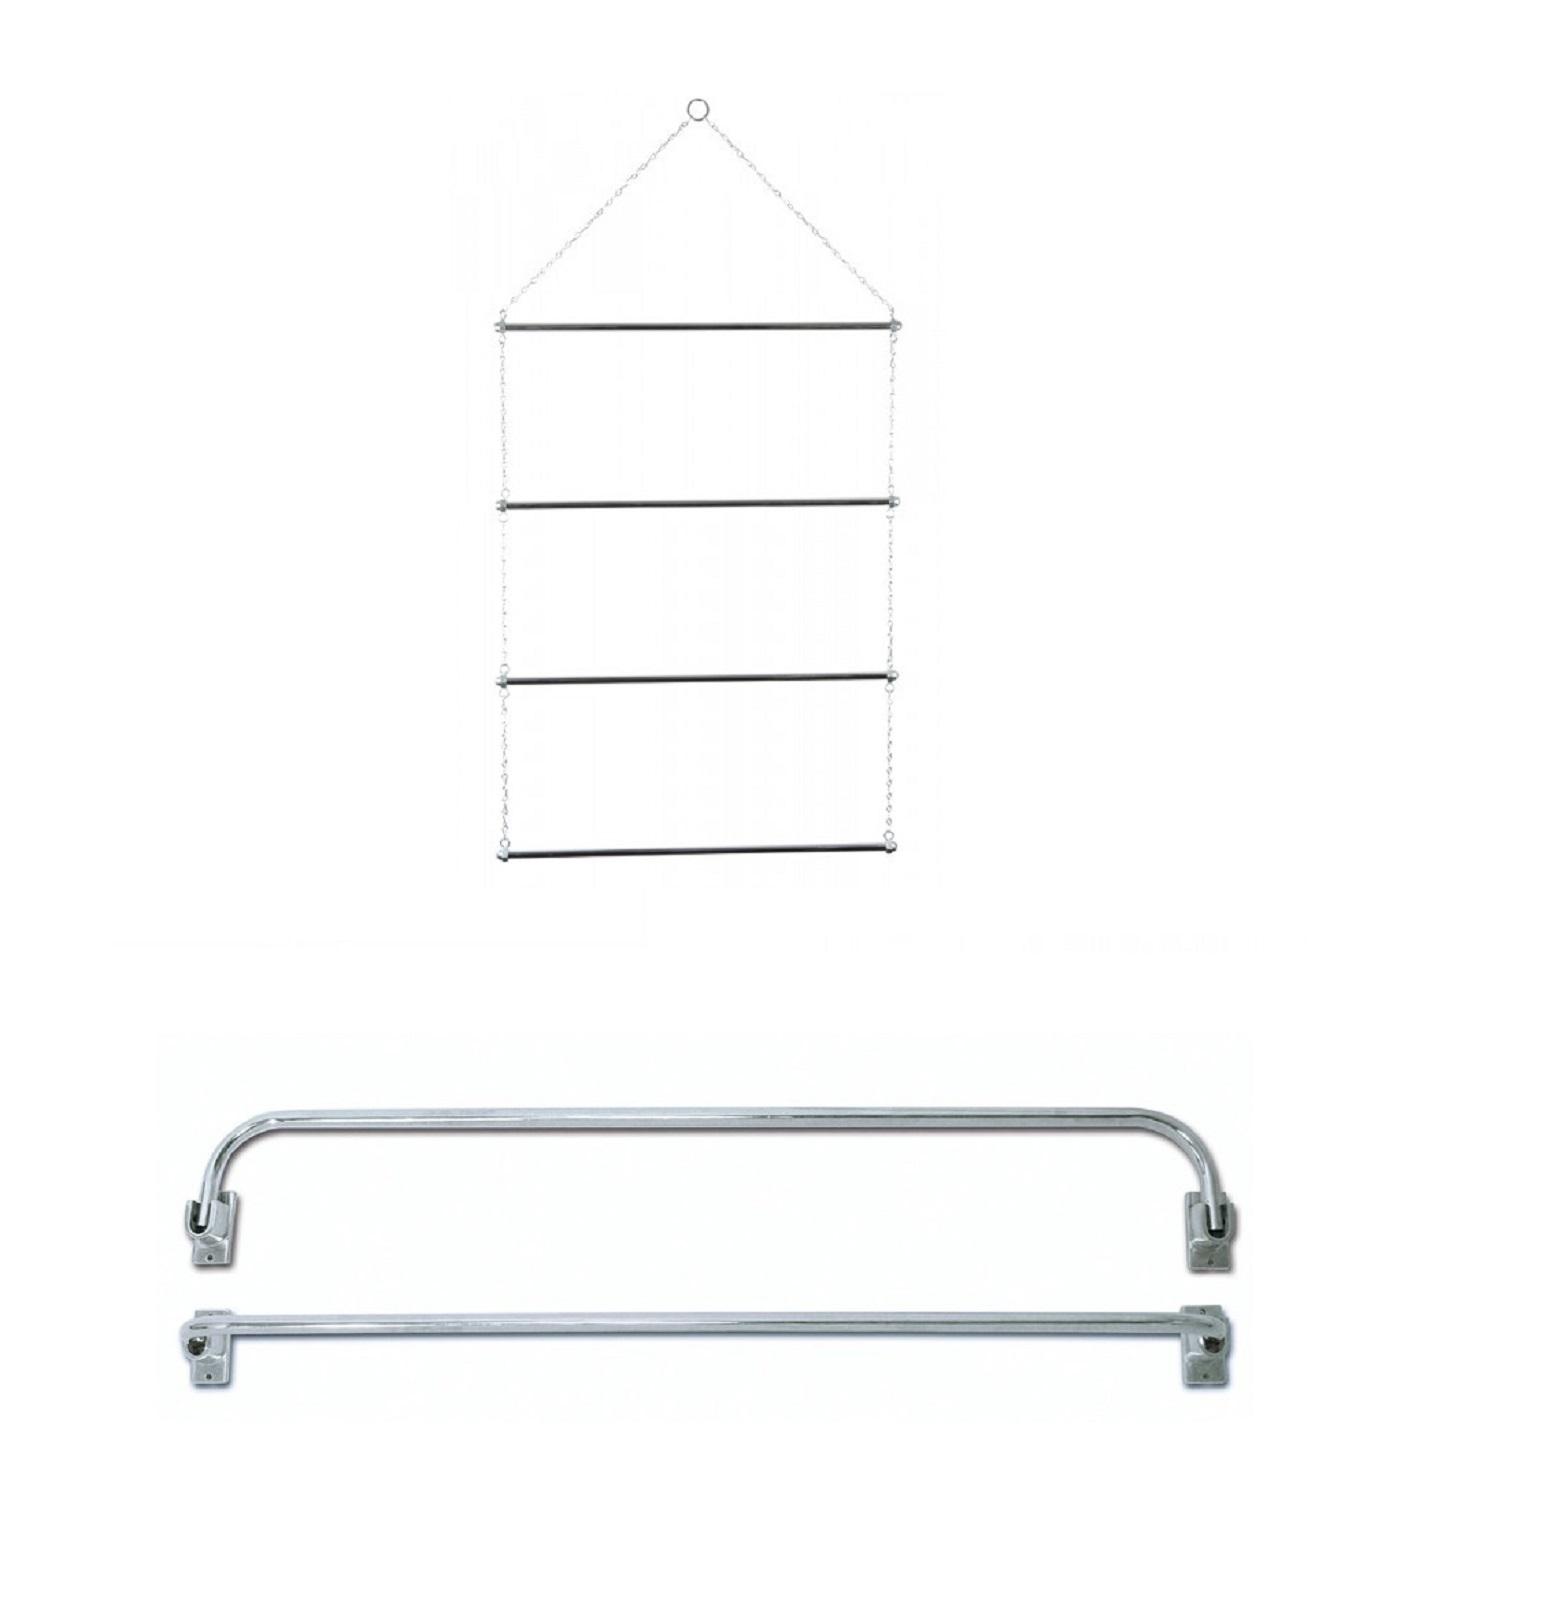 Deckenhalter oder Deckenleiter  - Qualität von PFIFF